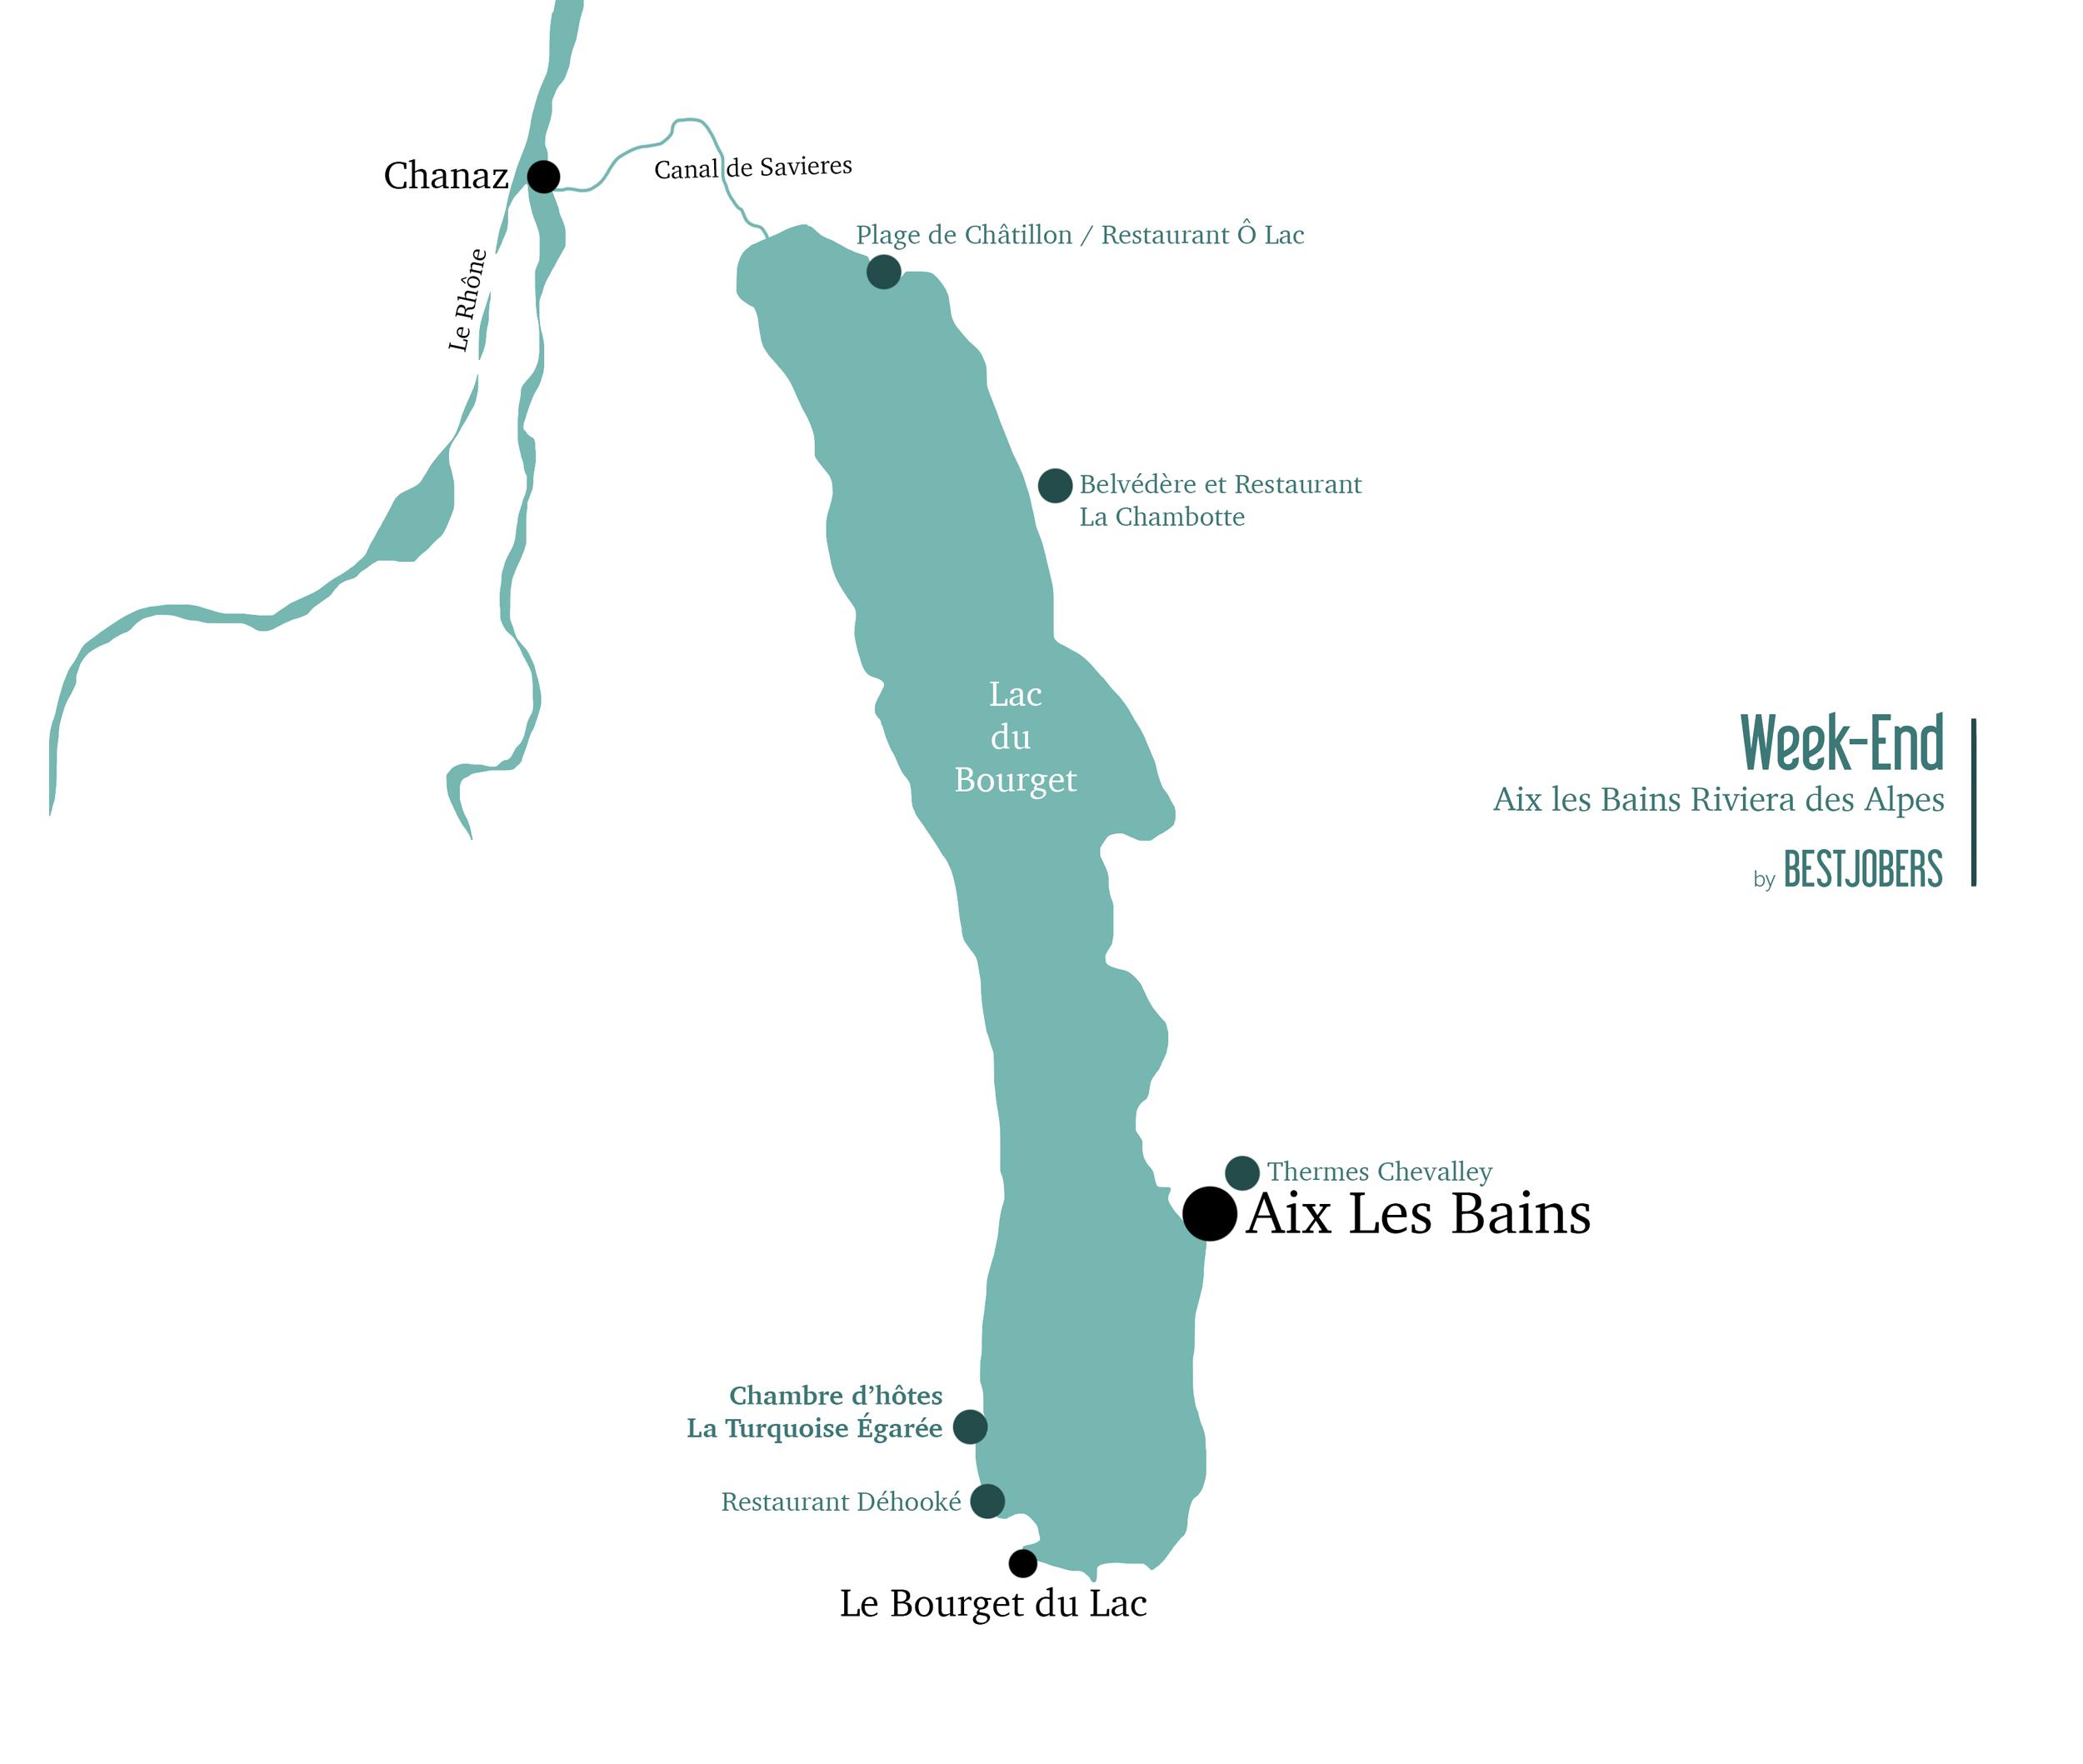 Carte Aix les Bains Riviera des Alpes